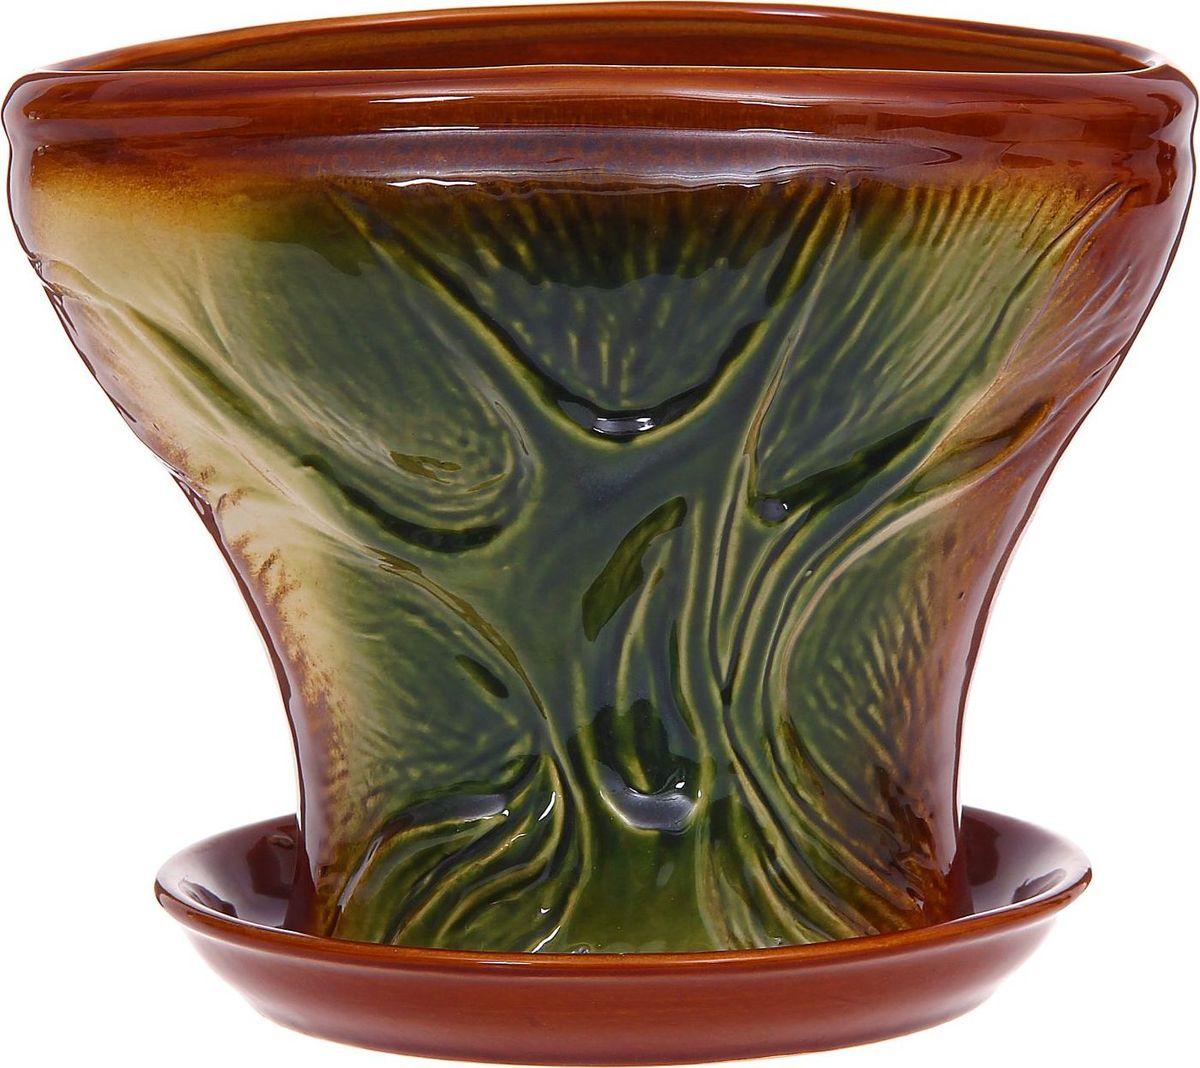 Кашпо Дерево жизни, 2,3 л1185895Комнатные растения — всеобщие любимцы. Они радуют глаз, насыщают помещение кислородом и украшают пространство. Каждому из них необходим свой удобный и красивый дом. Кашпо из керамики прекрасно подходят для высадки растений: за счет пластичности глины и разных способов обработки существует великое множество форм и дизайнов пористый материал позволяет испаряться лишней влаге воздух, необходимый для дыхания корней, проникает сквозь керамические стенки! позаботится о зеленом питомце, освежит интерьер и подчеркнет его стиль.